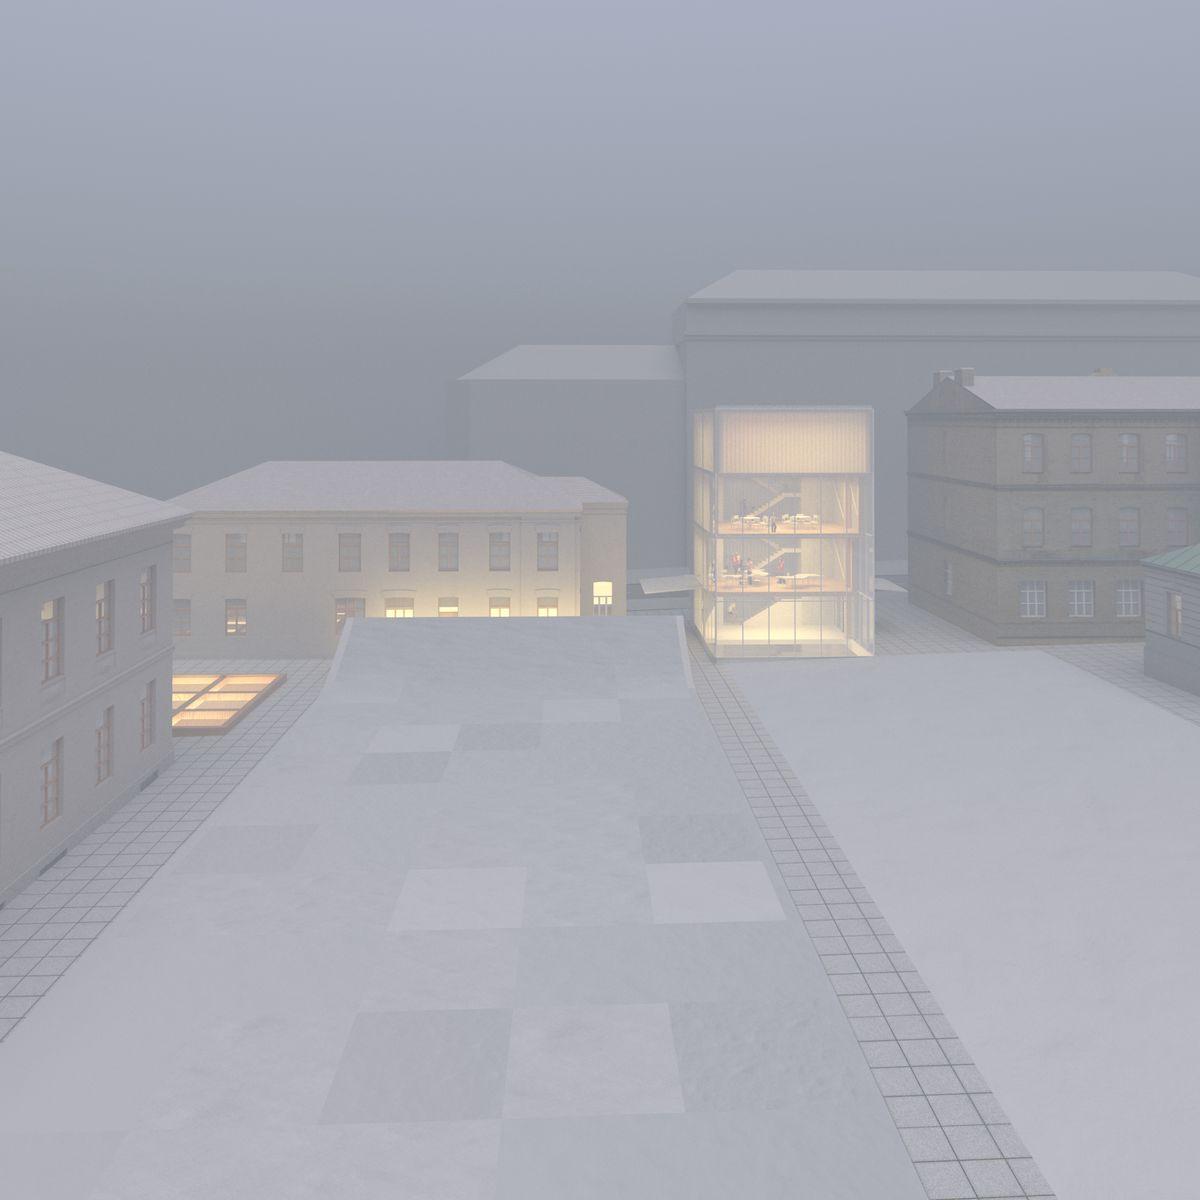 01_school-winter_120624